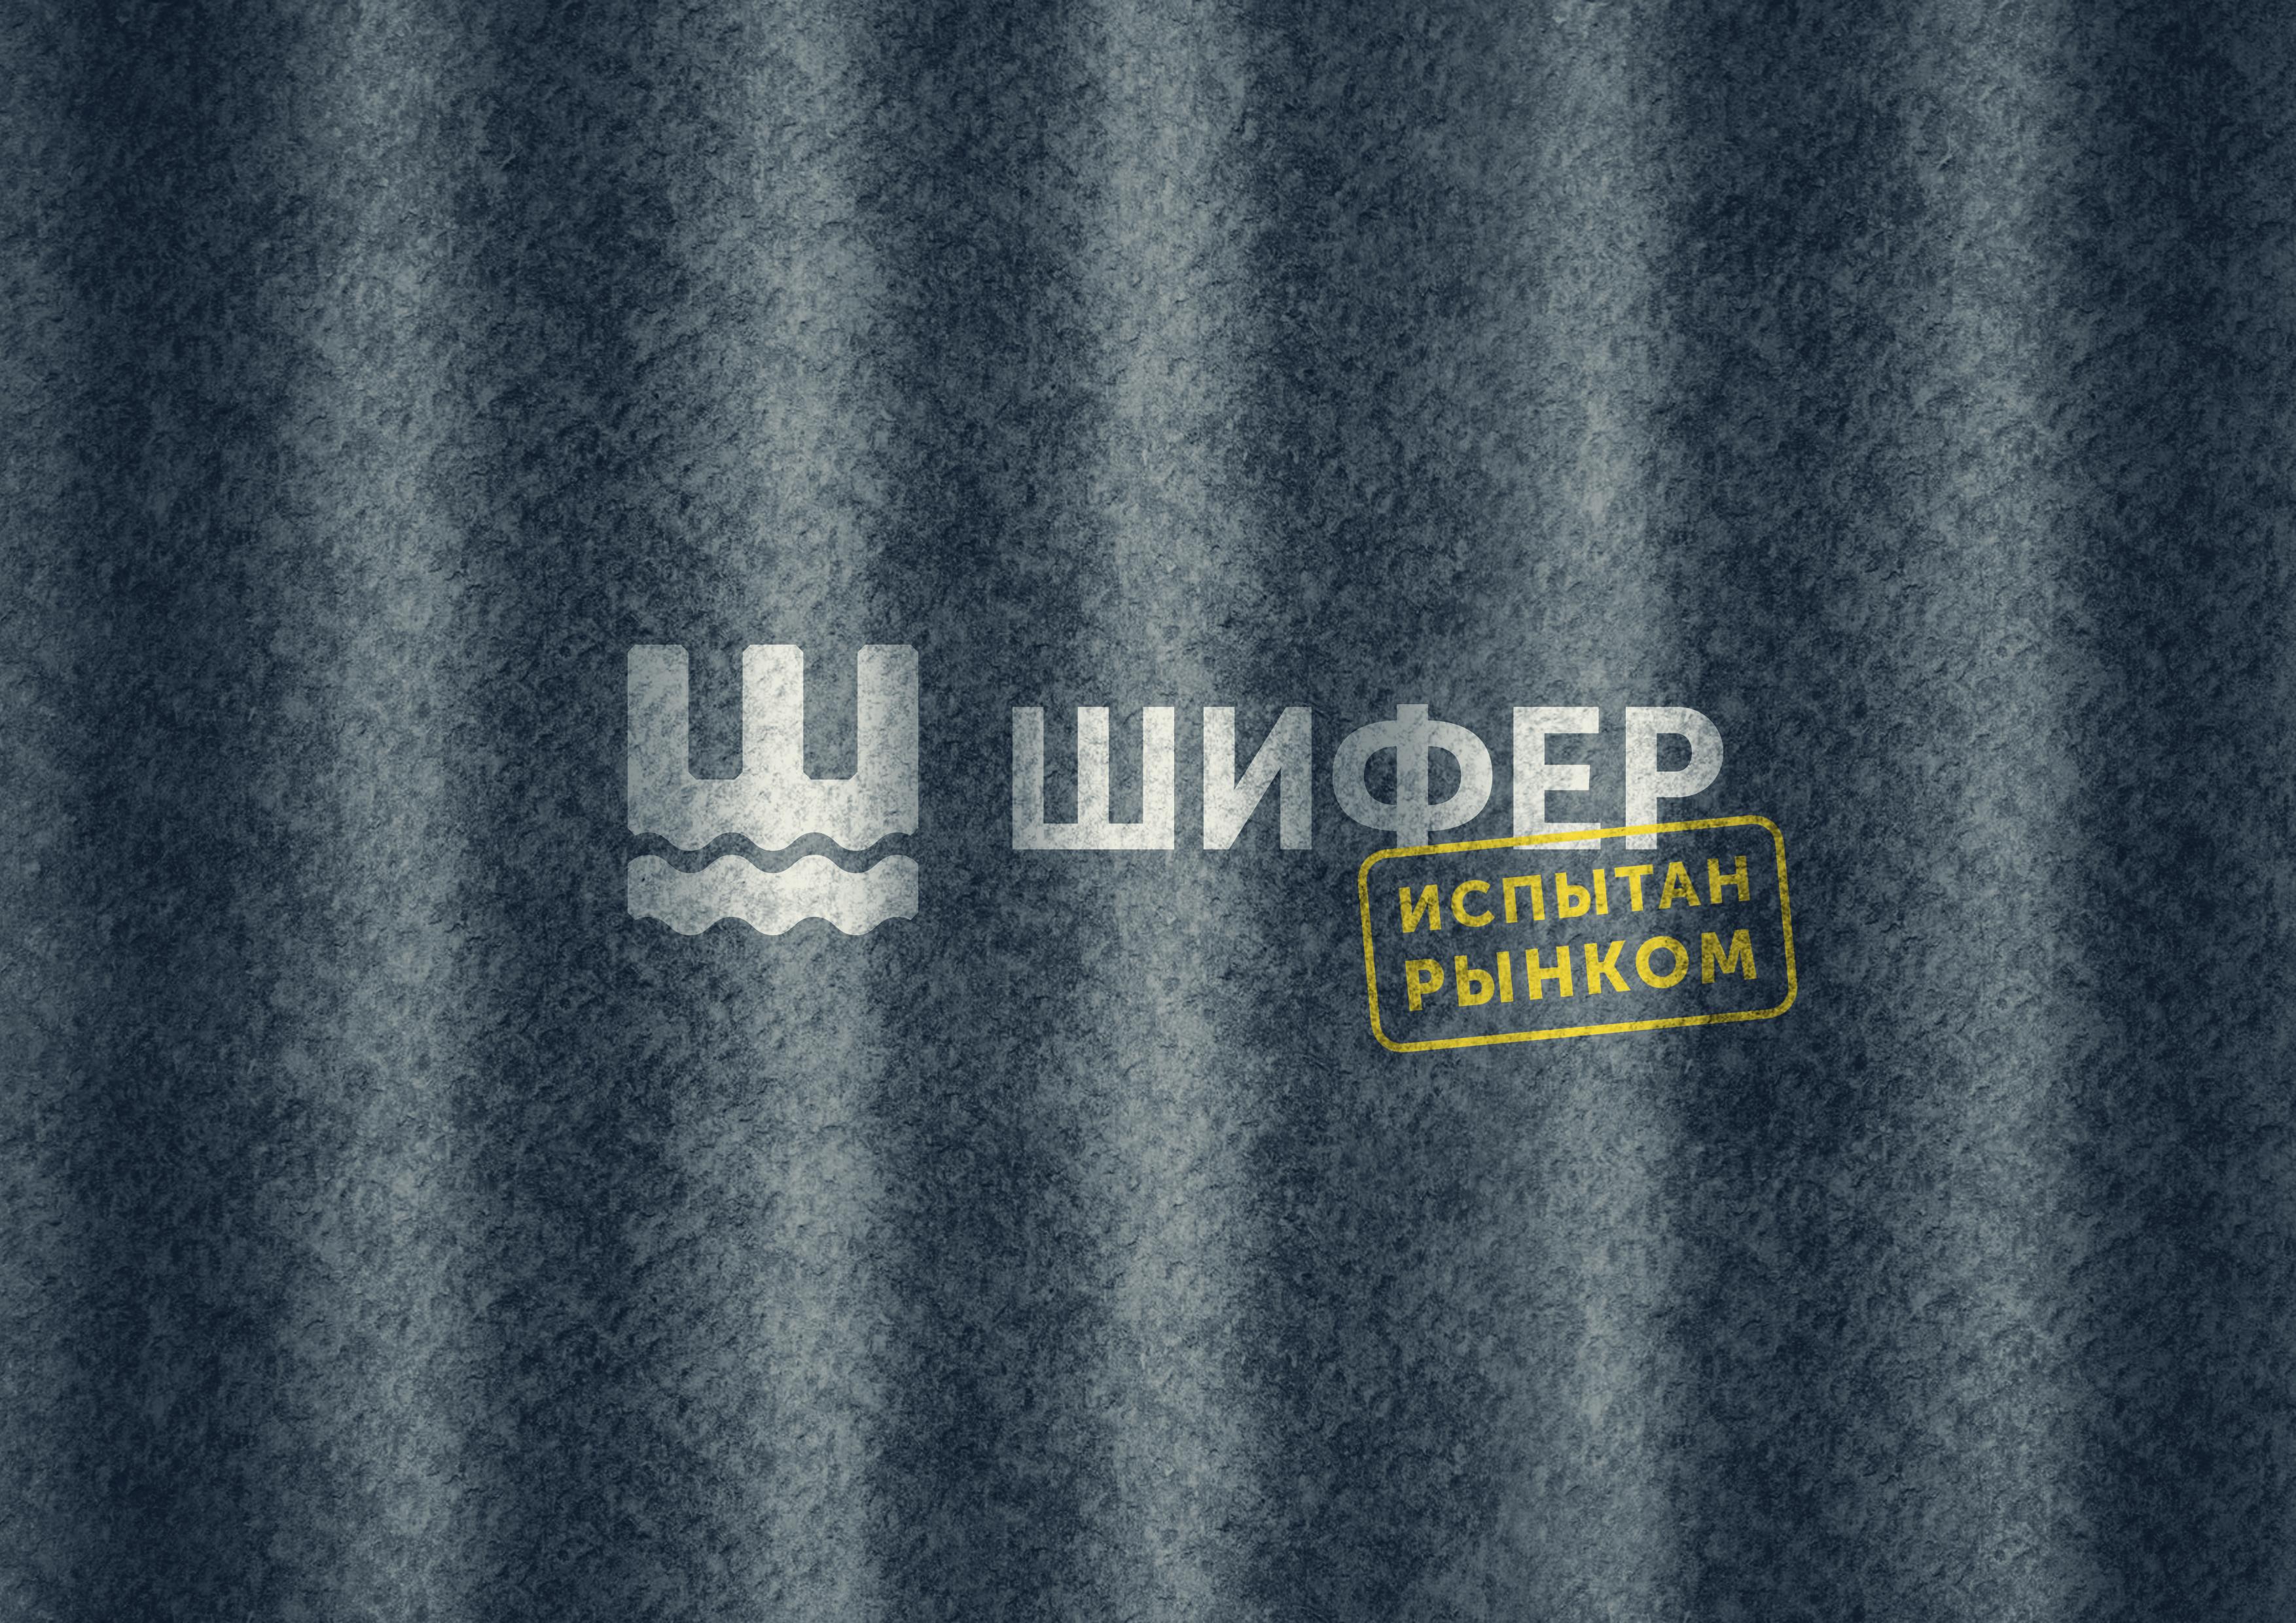 2017_ru_2017_085_hero_1